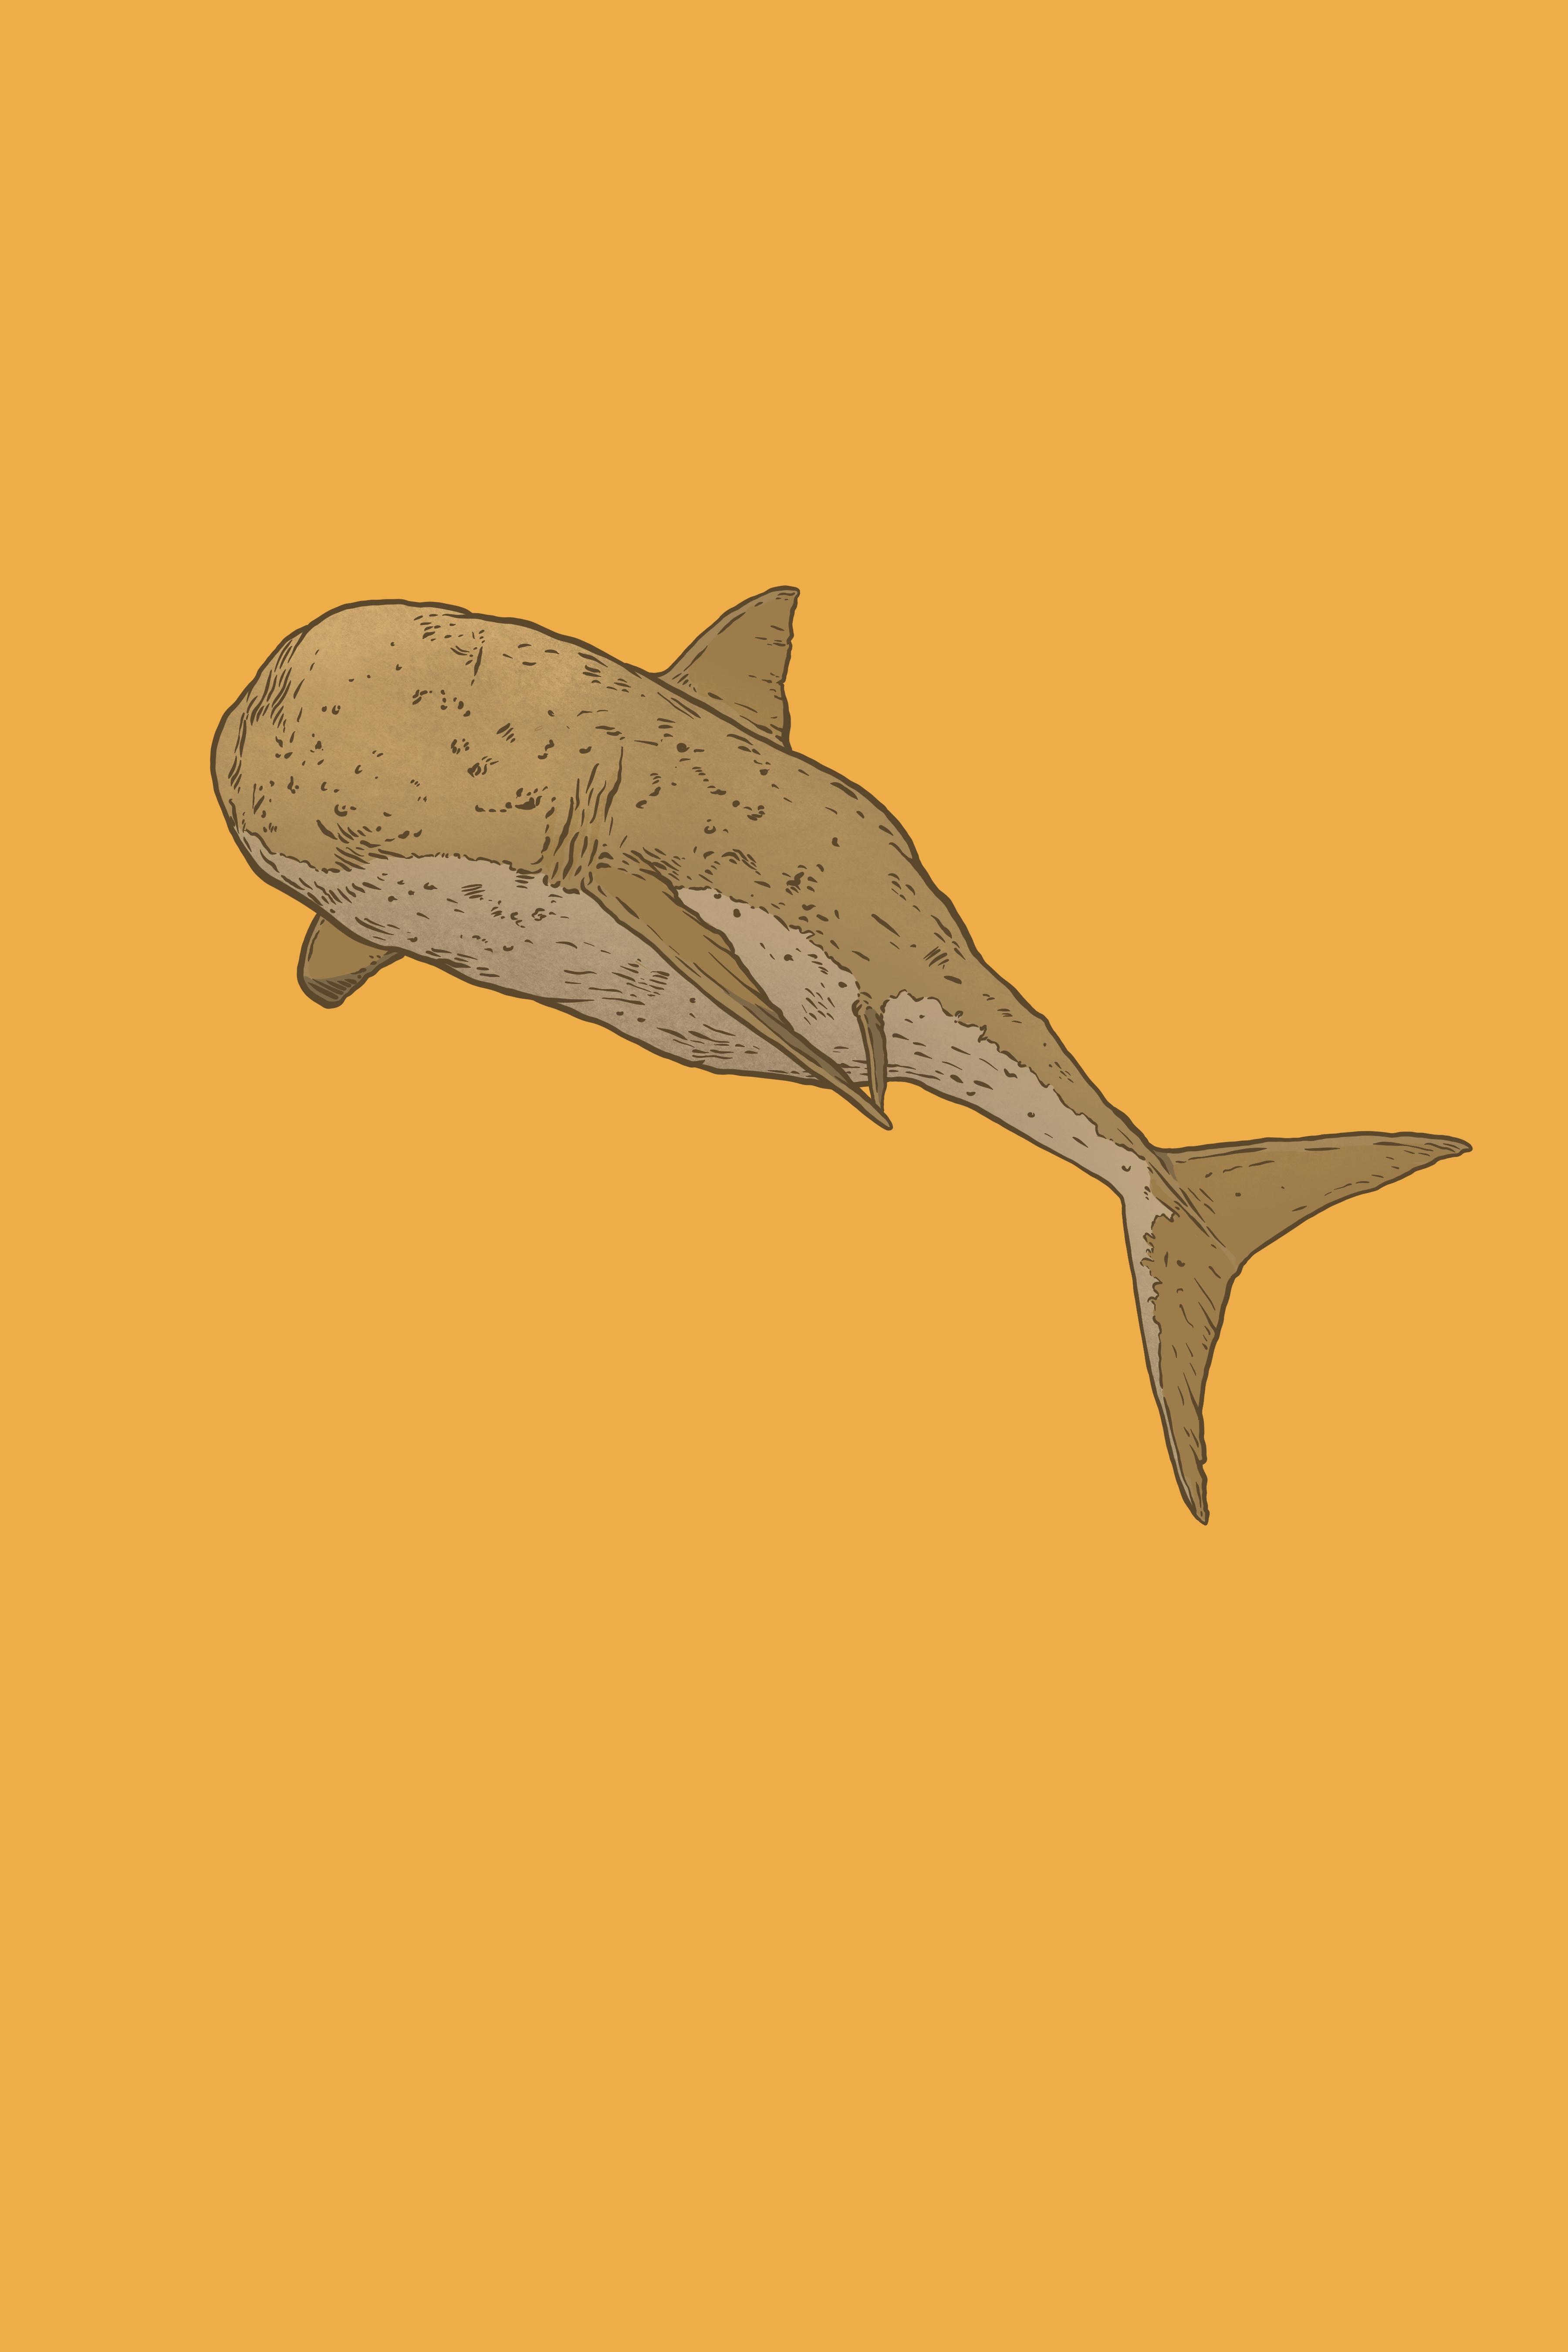 Spud_Shark